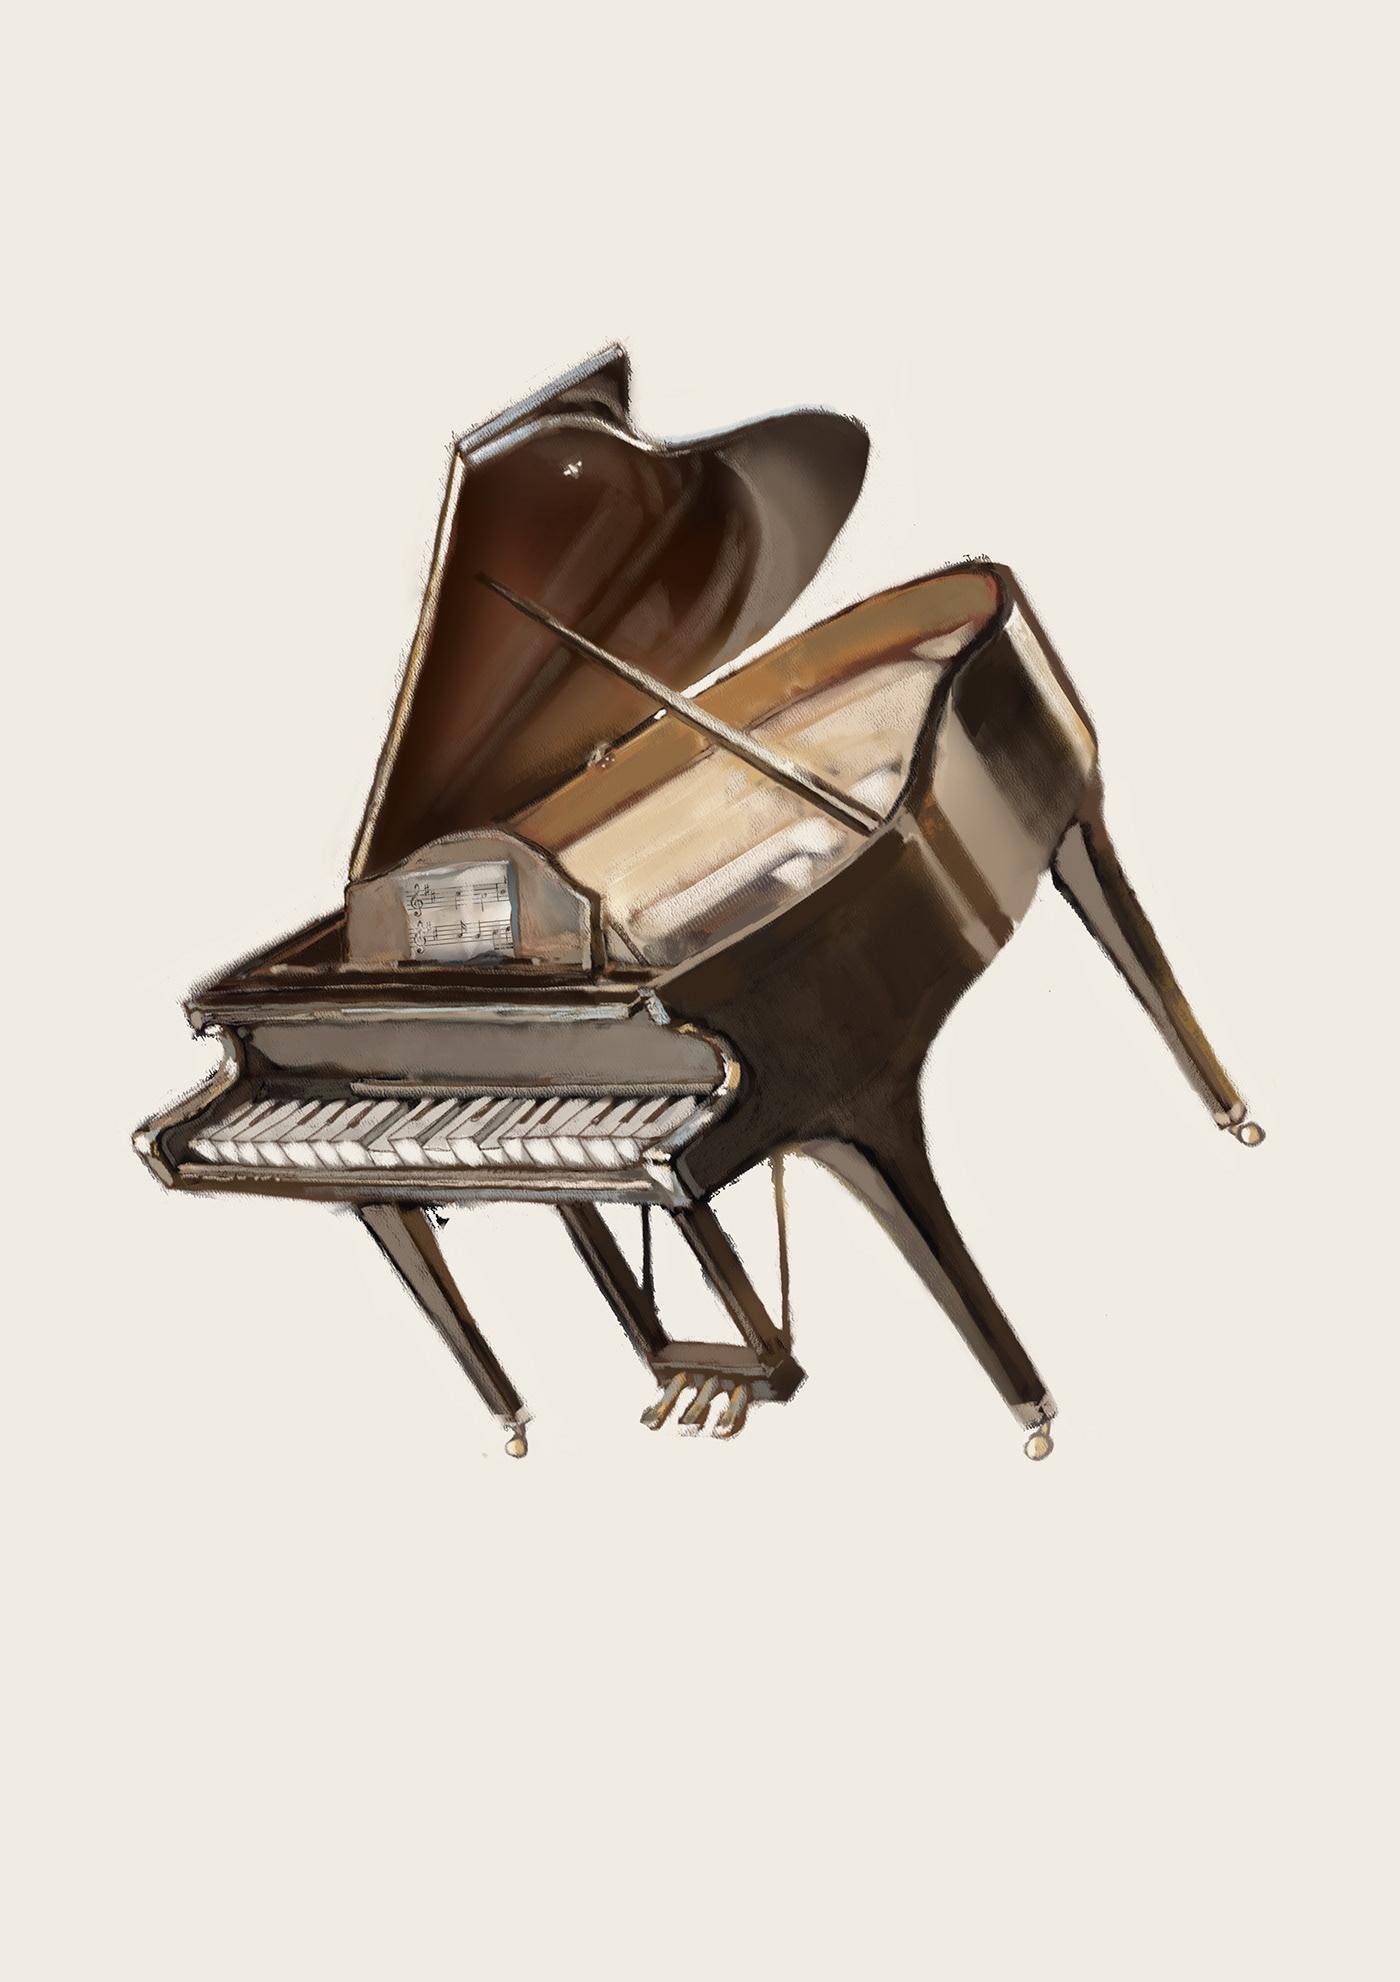 Image may contain: piano and musical keyboard